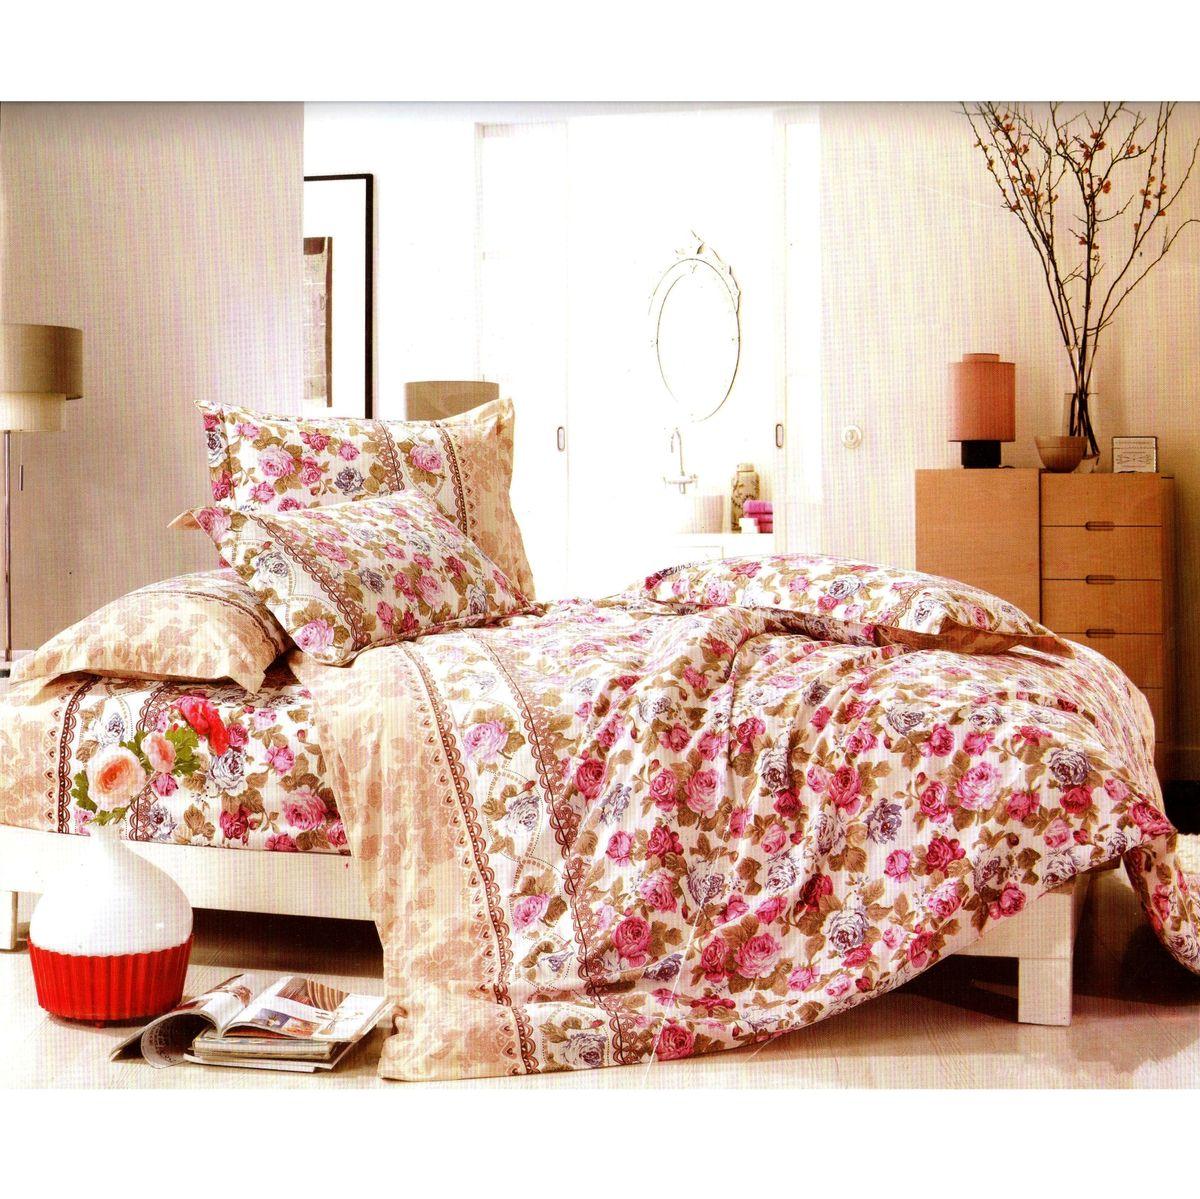 Комплект белья Этель Розовый сад, семейный, наволочки 70x70, цвет: розовый, белый, фиолетовый824992Комплект постельного белья Этель Розовый сад состоит из двух пододеяльников на молнии, простыни и двух наволочек. Постельное белье оформлено оригинальным рисунком цветов и имеет изысканный внешний вид. Белье изготовлено из поликоттона отвечающего всем необходимым нормативным стандартам. Поликоттон - это ткань из экологически чистых материалов (50% хлопка, 50% полиэстера). Неоспоримым плюсом белья из такой ткани является мягкость и легкость, она прекрасно пропускает воздух, приятна на ощупь, не образует катышков на поверхности и за ней легко ухаживать. При соблюдении рекомендаций по уходу, это белье выдерживает много стирок, не линяет и не теряет свою первоначальную прочность. Уникальная ткань обеспечивает легкую глажку. Приобретая комплект постельного белья Этель Розовый сад, вы можете быть уверенны в том, что покупка доставит вам и вашим близким удовольствие и подарит максимальный комфорт.